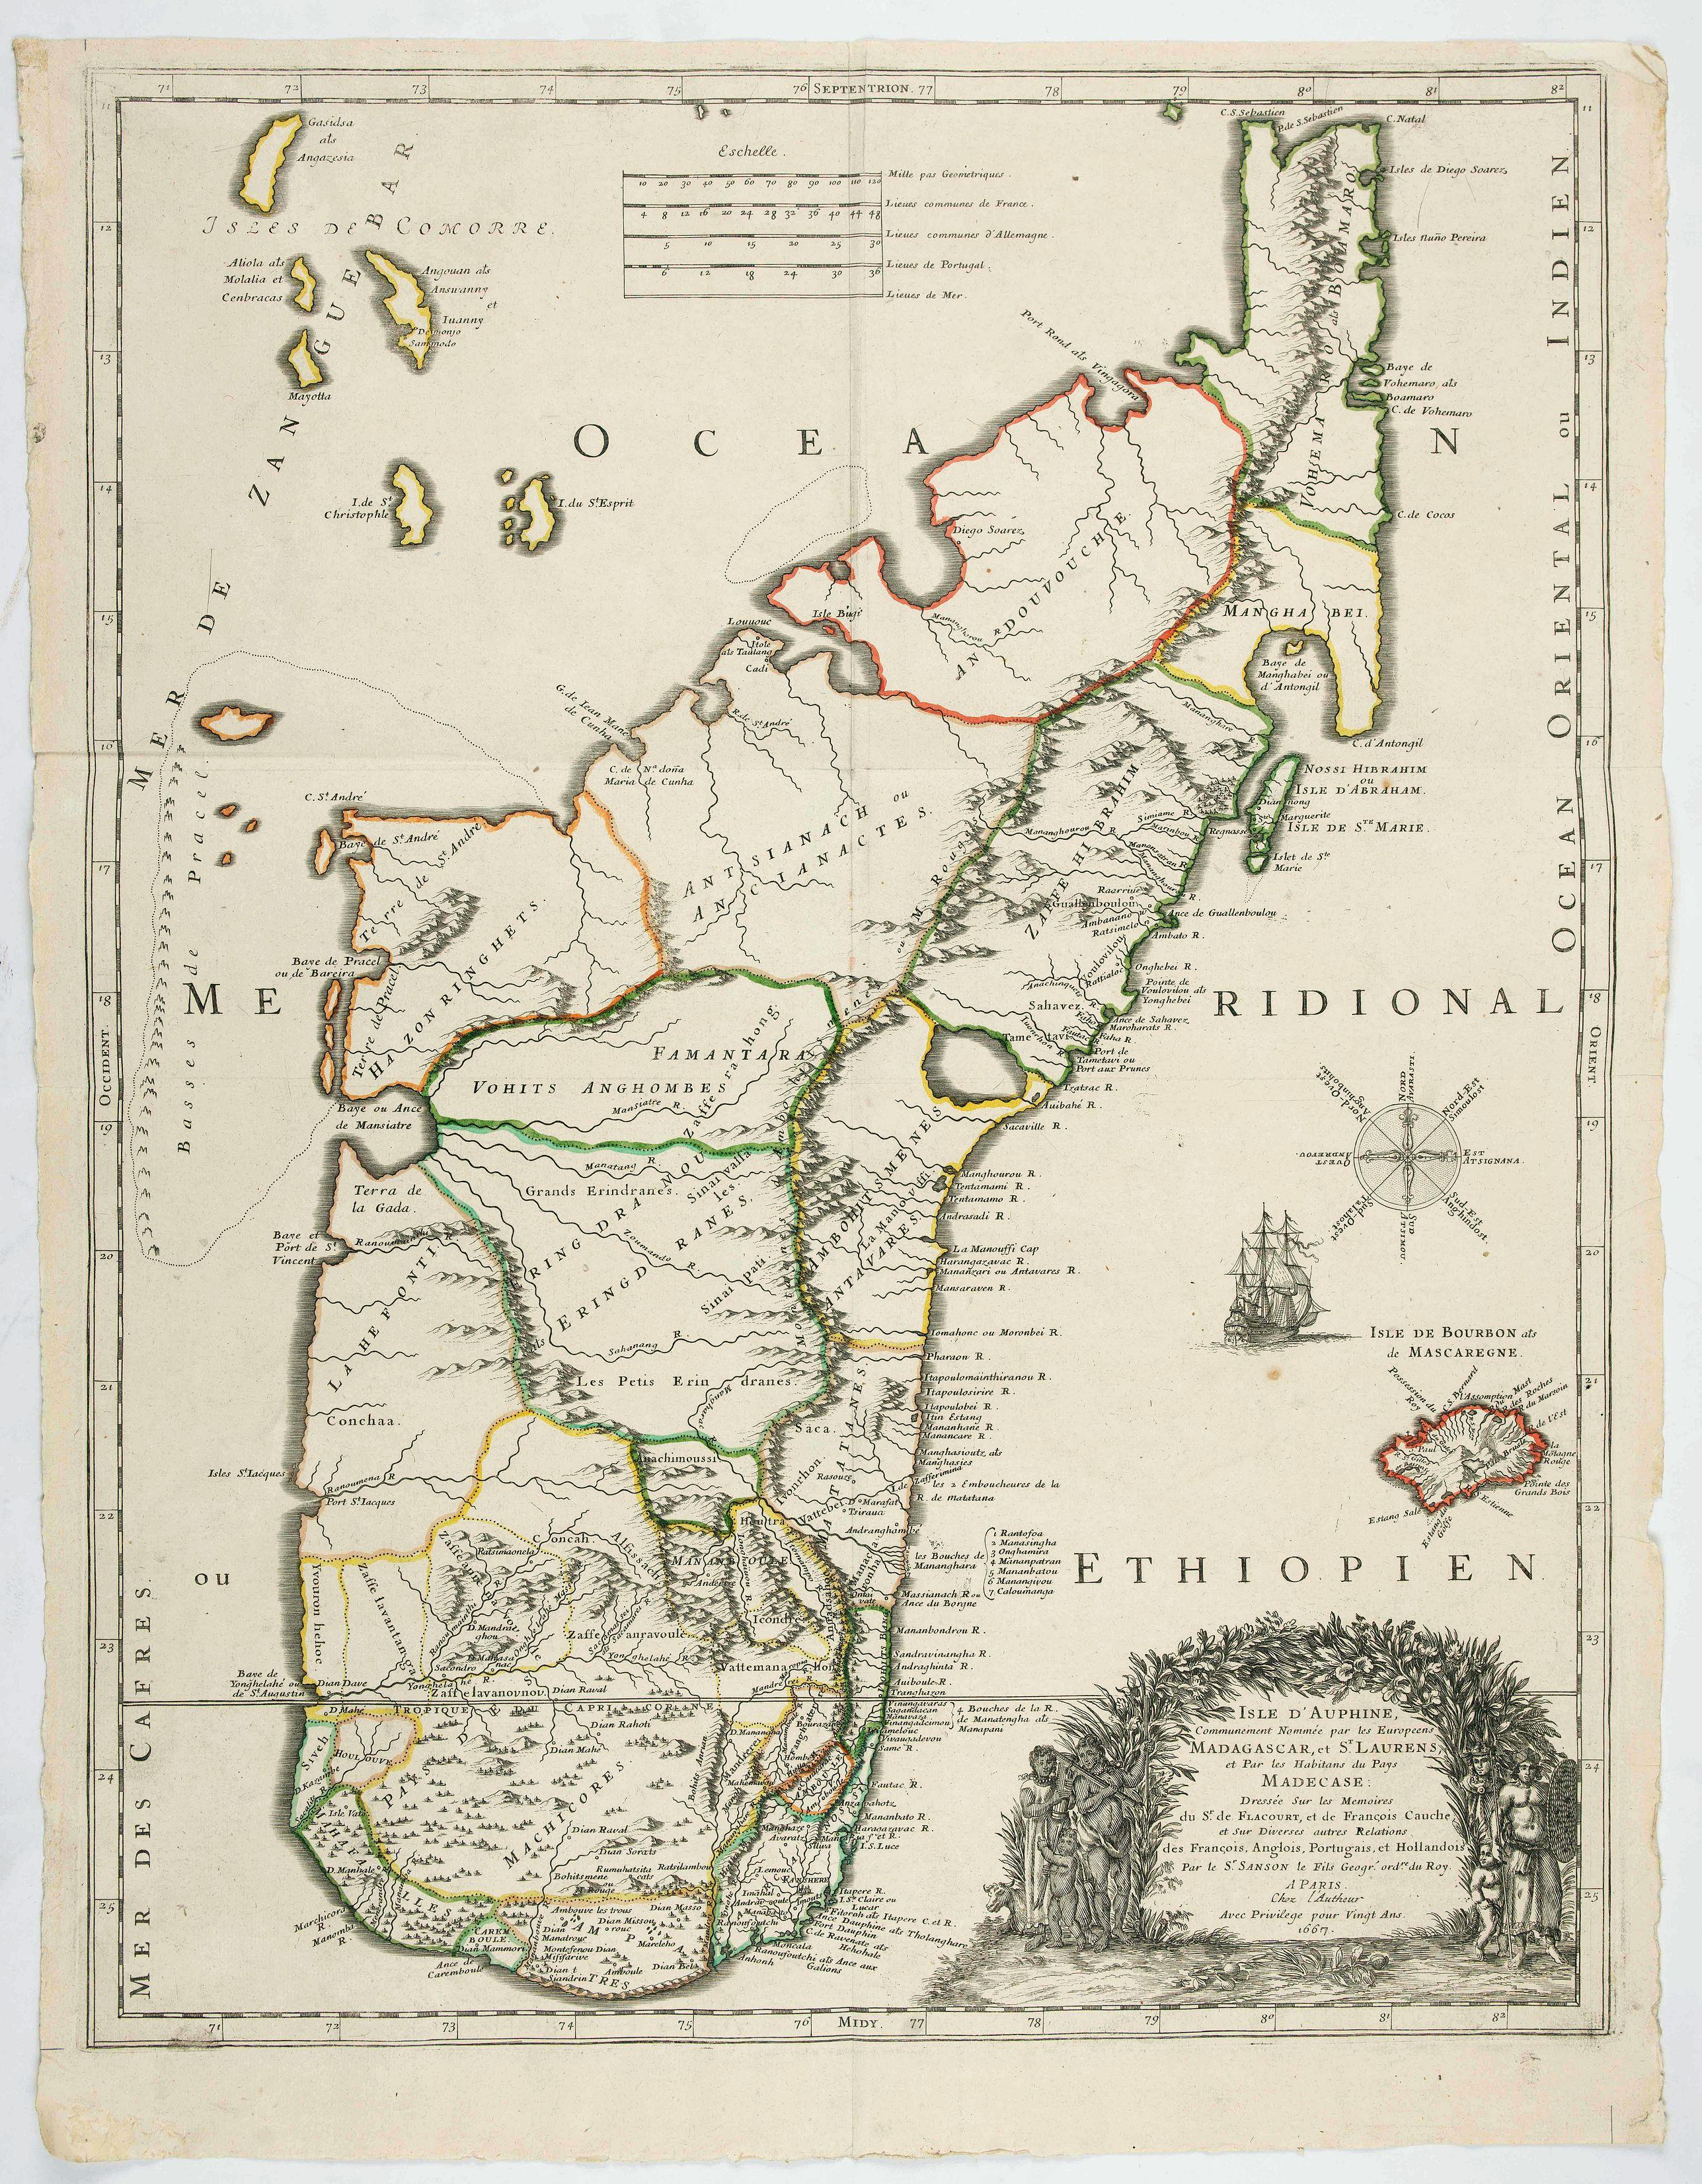 SANSON, N. / MARIETTE, P. -  Isle D'Auphine, communement Nommée pae les Europeens Madagascar. . .